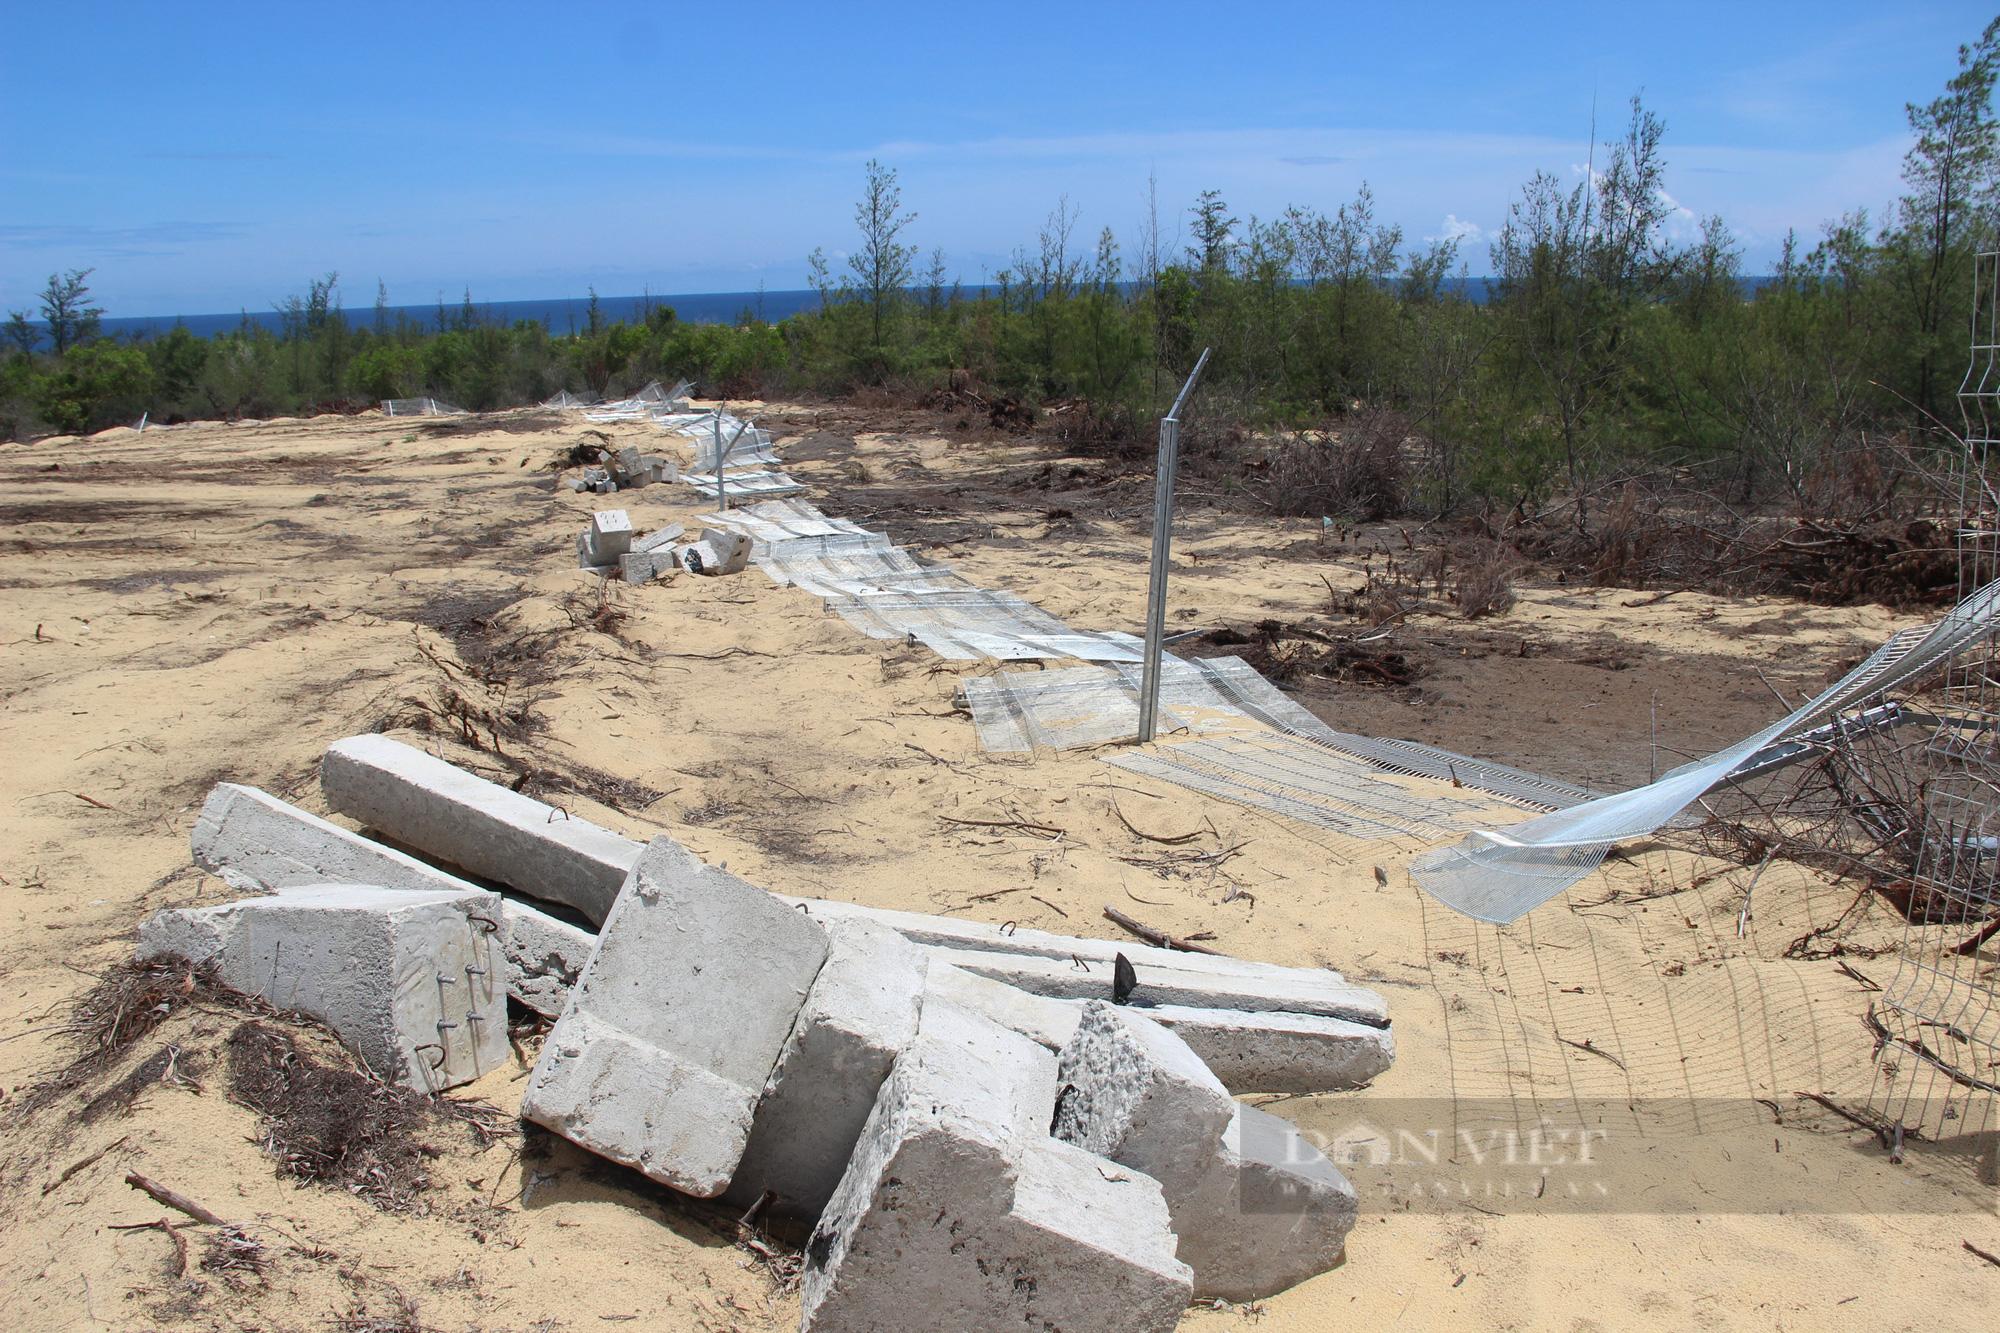 """Dự án Nhà máy điện mặt trời """"tàn sát"""" 5,2ha rừng do nhầm lẫn: Bất ngờ báo cáo của UBND huyện Phù Mỹ gửi tỉnh! - Ảnh 2."""